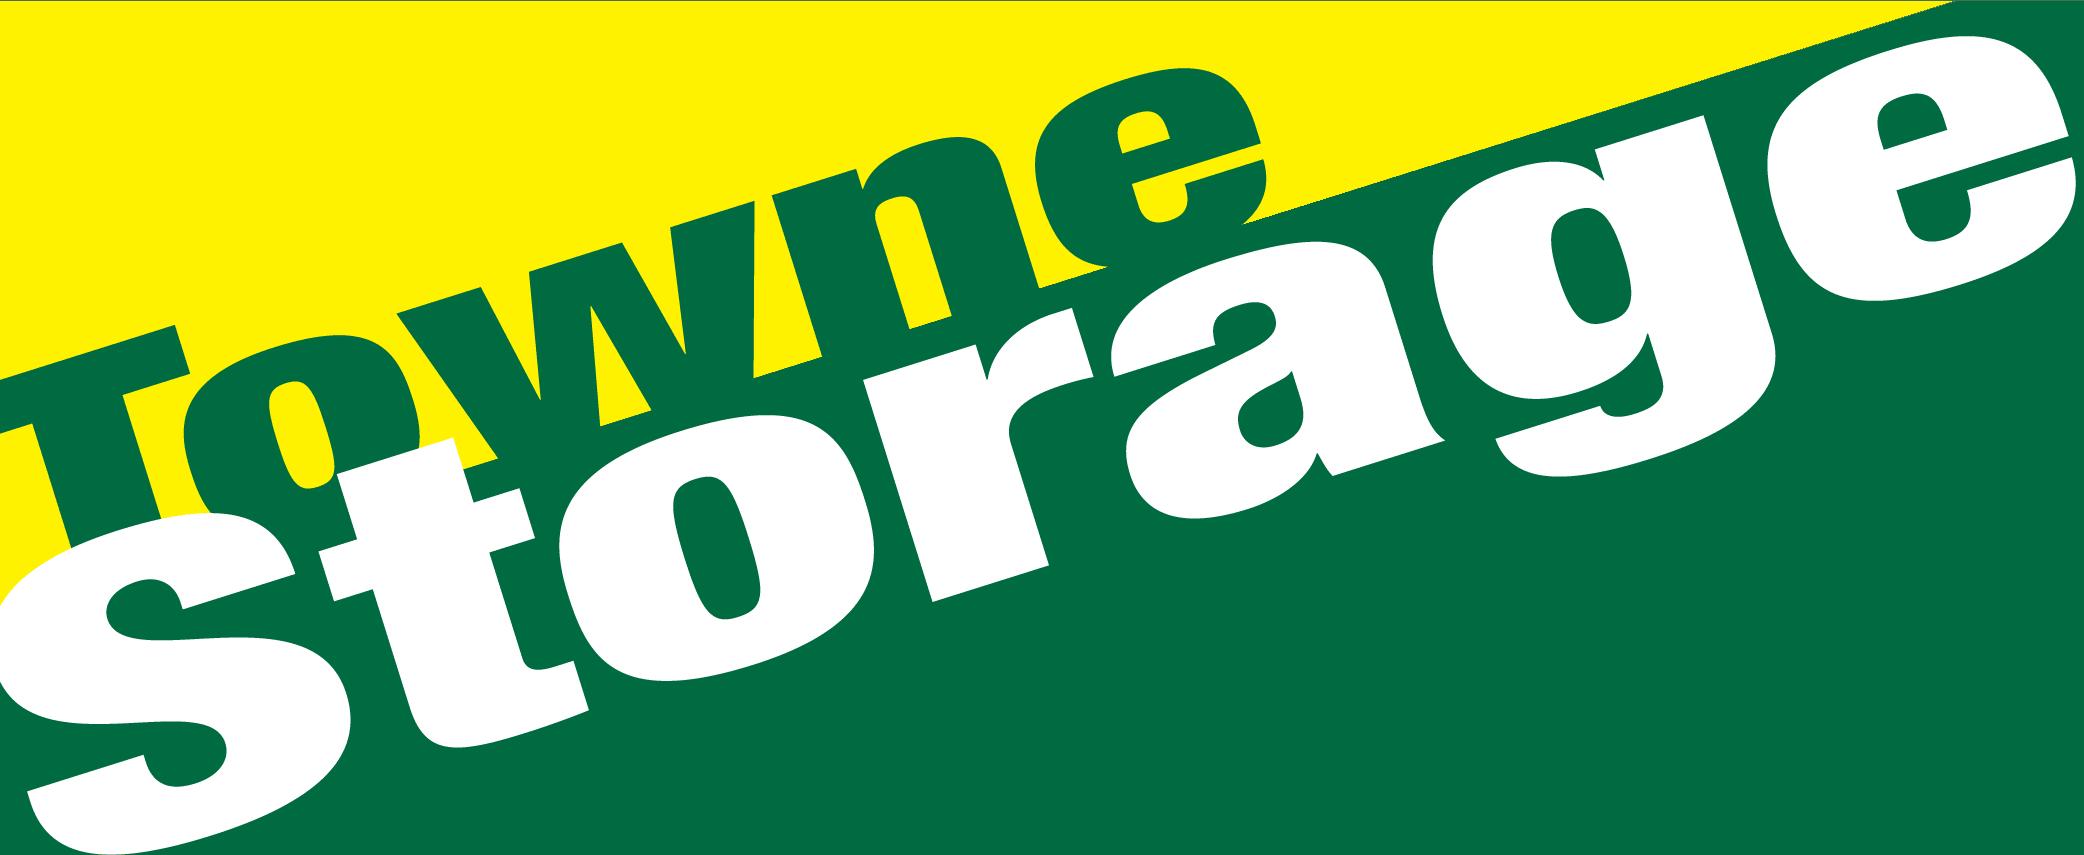 Towne Storage - Urban Edge logo